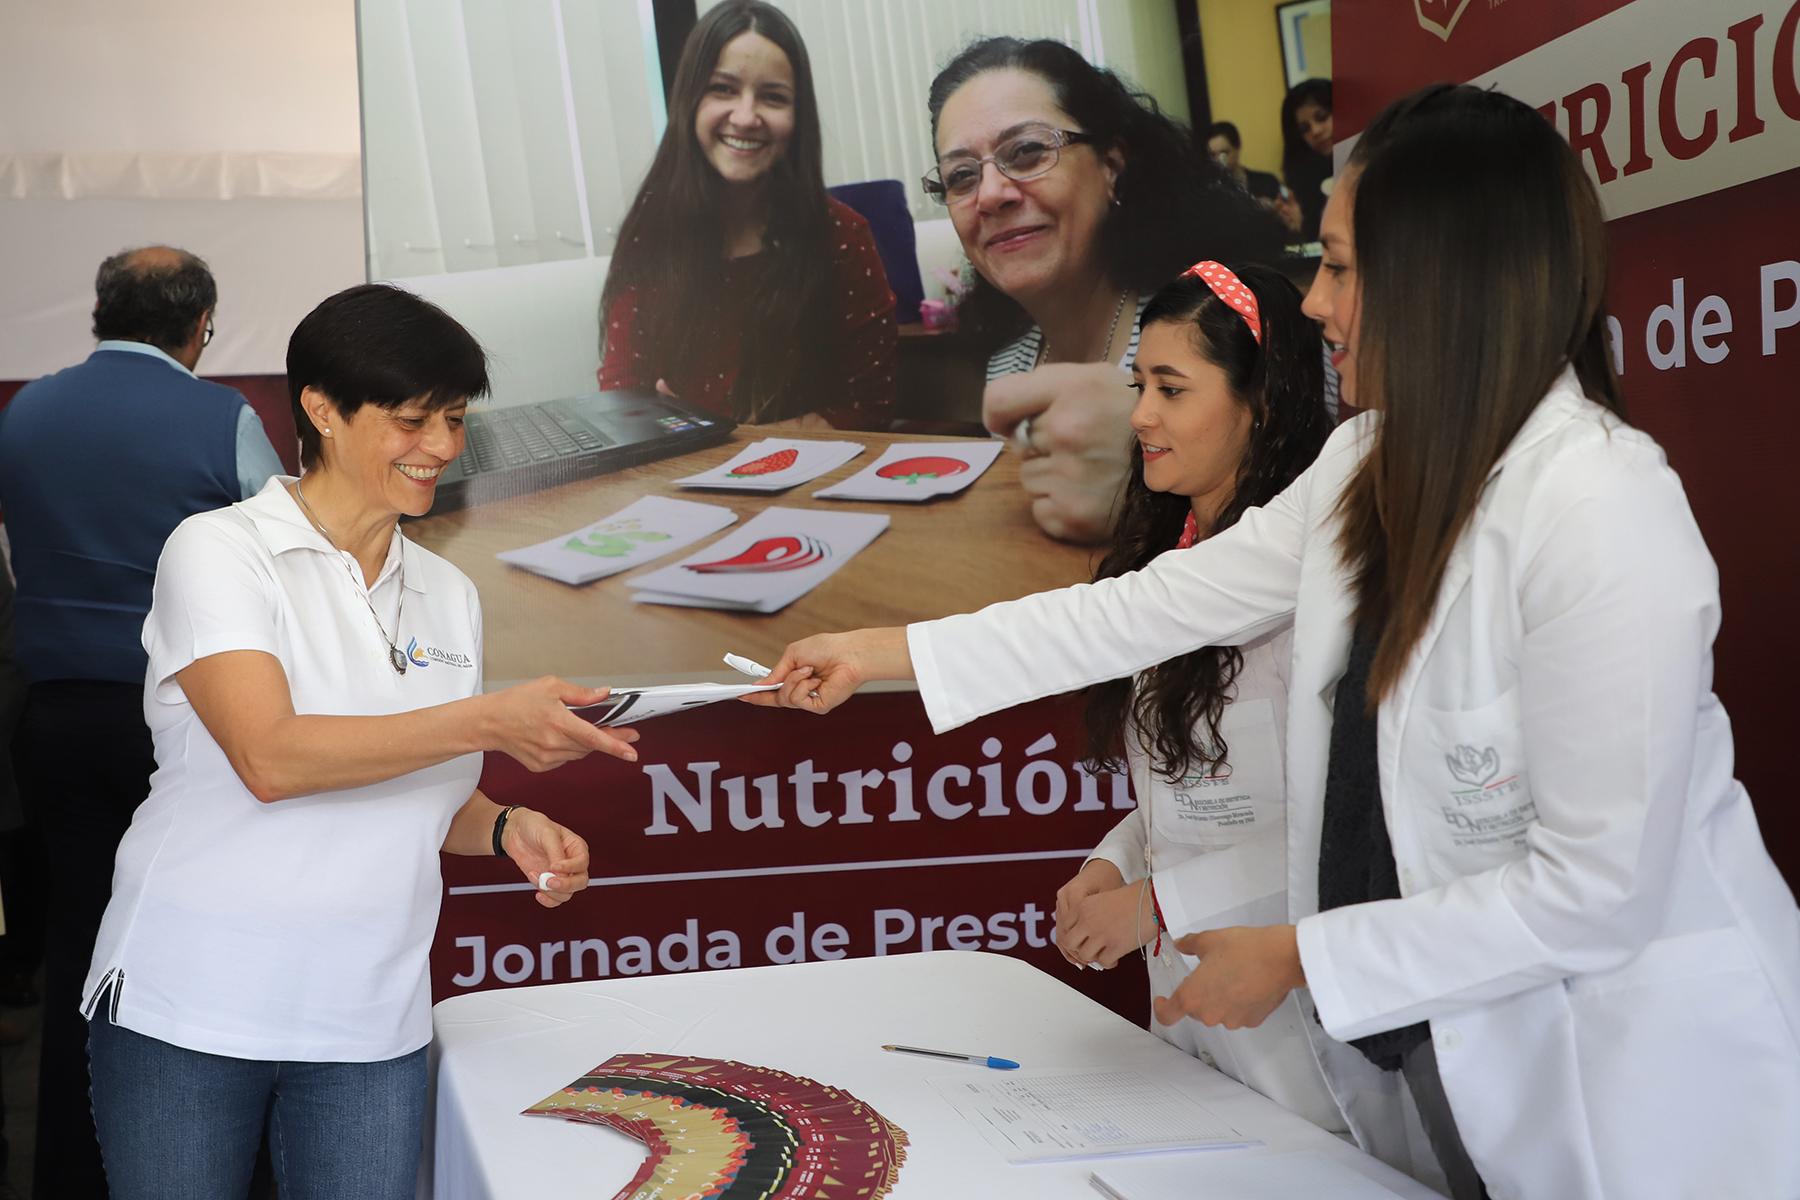 Dentro de las Jornadas de Prestaciones se brinda orientación nutricional para prevenir o combatir problemas como la obesidad.